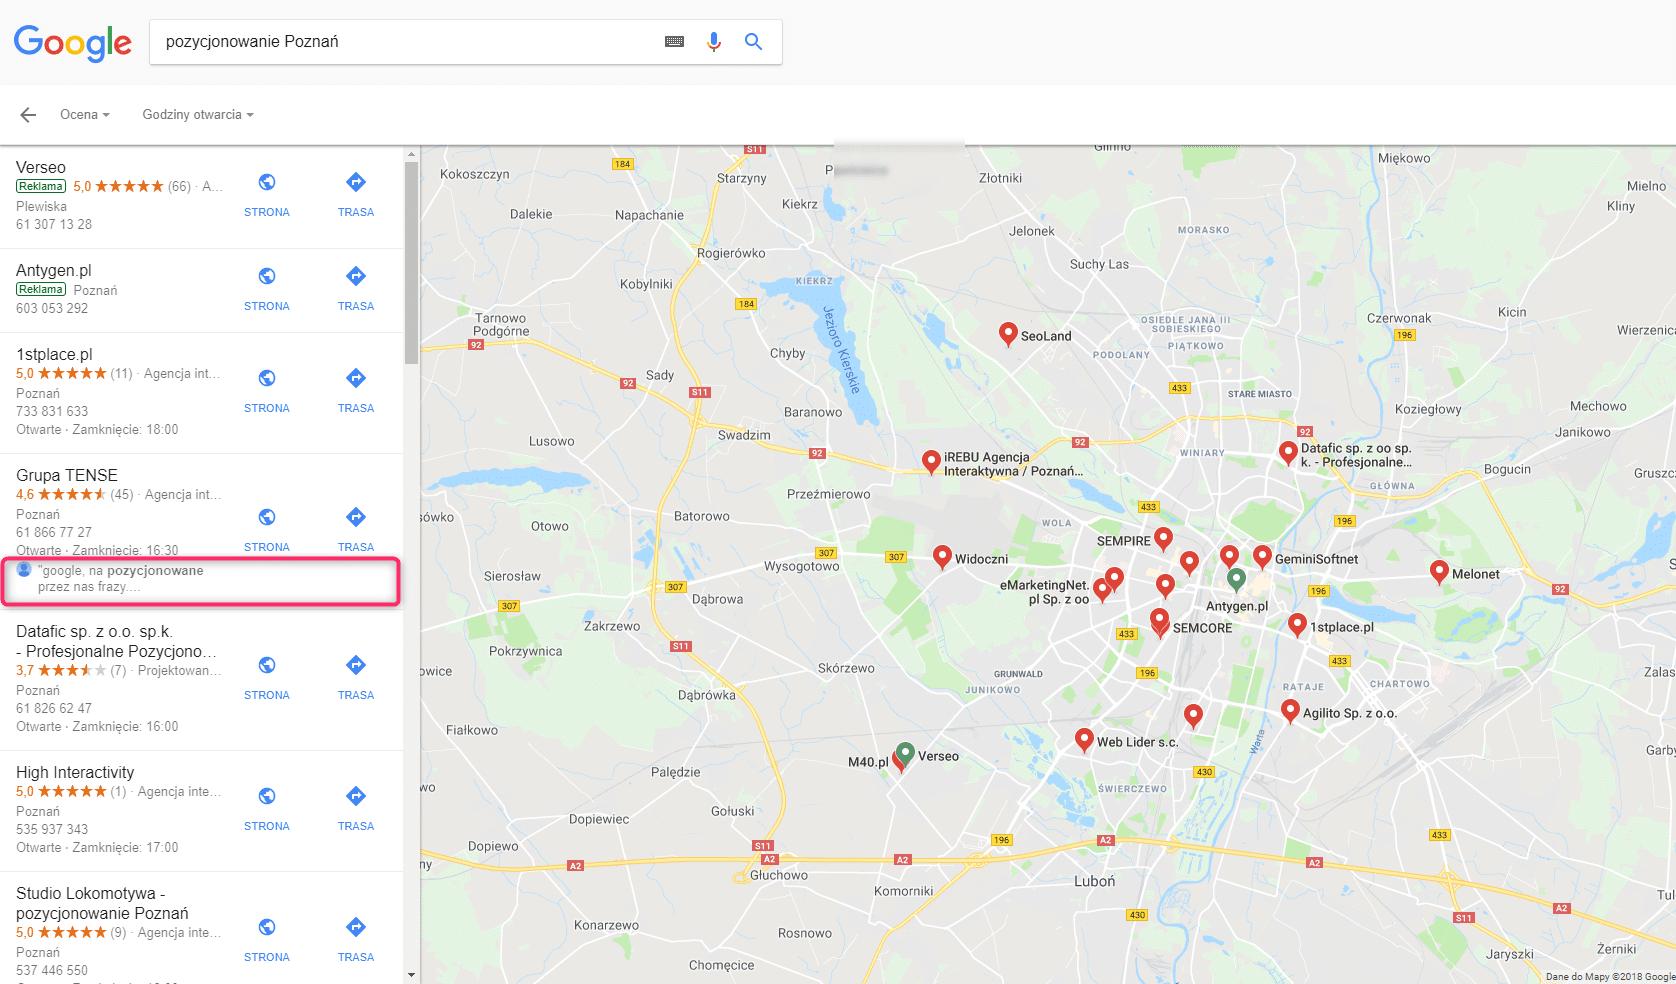 pozycjonowanie poznan google maps